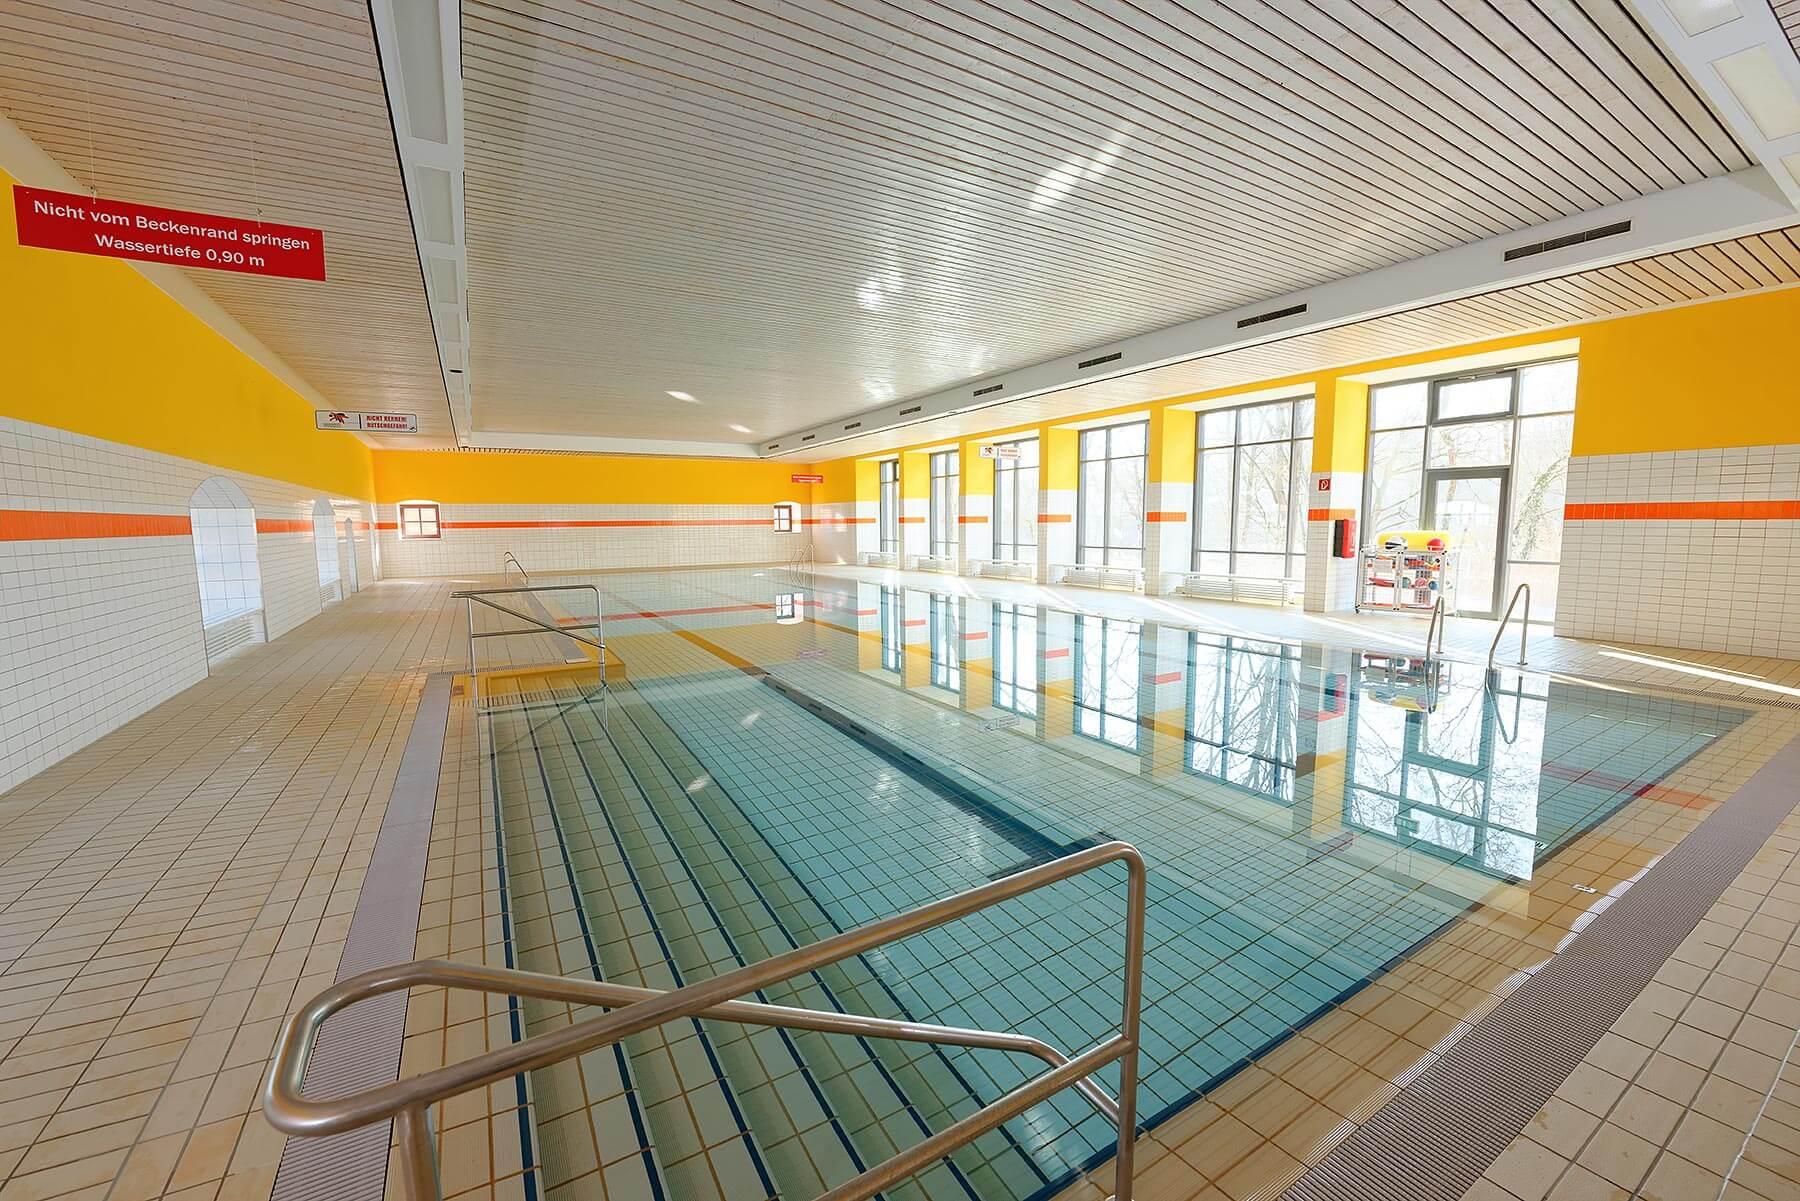 Schwimmbad lvh hardehausen for Schwimmbad offenburg offnungszeiten